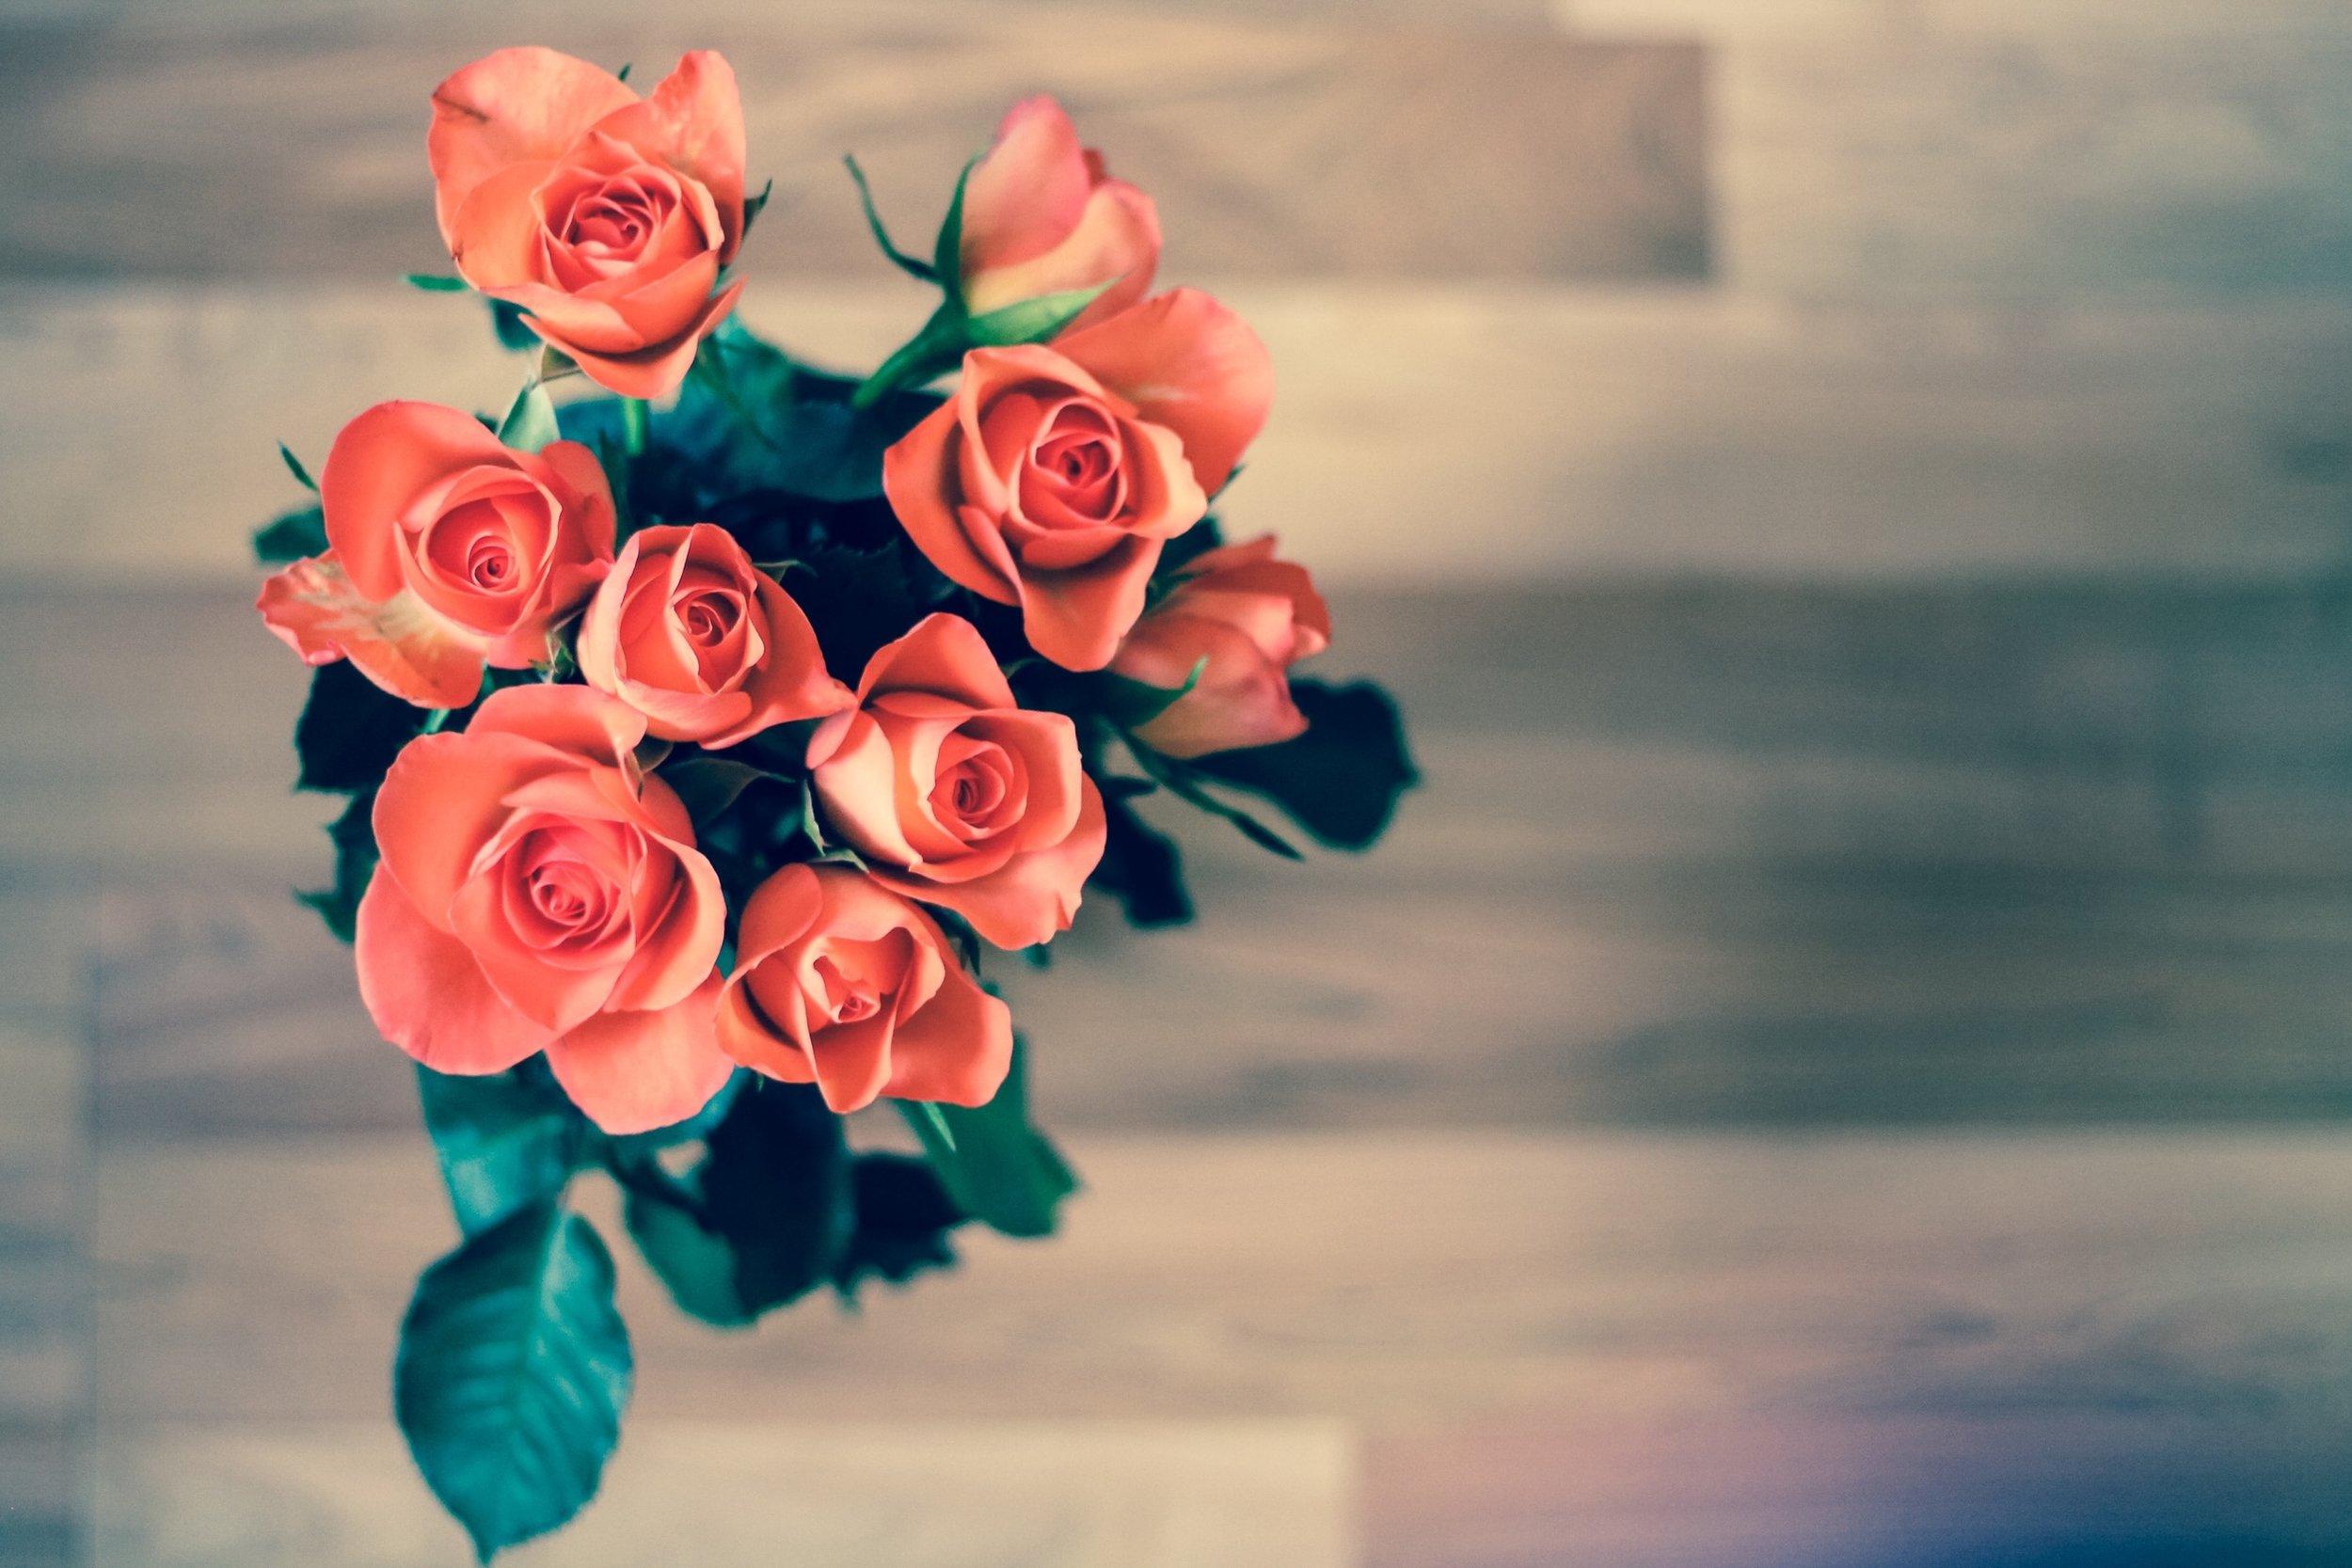 roses-690085.jpg